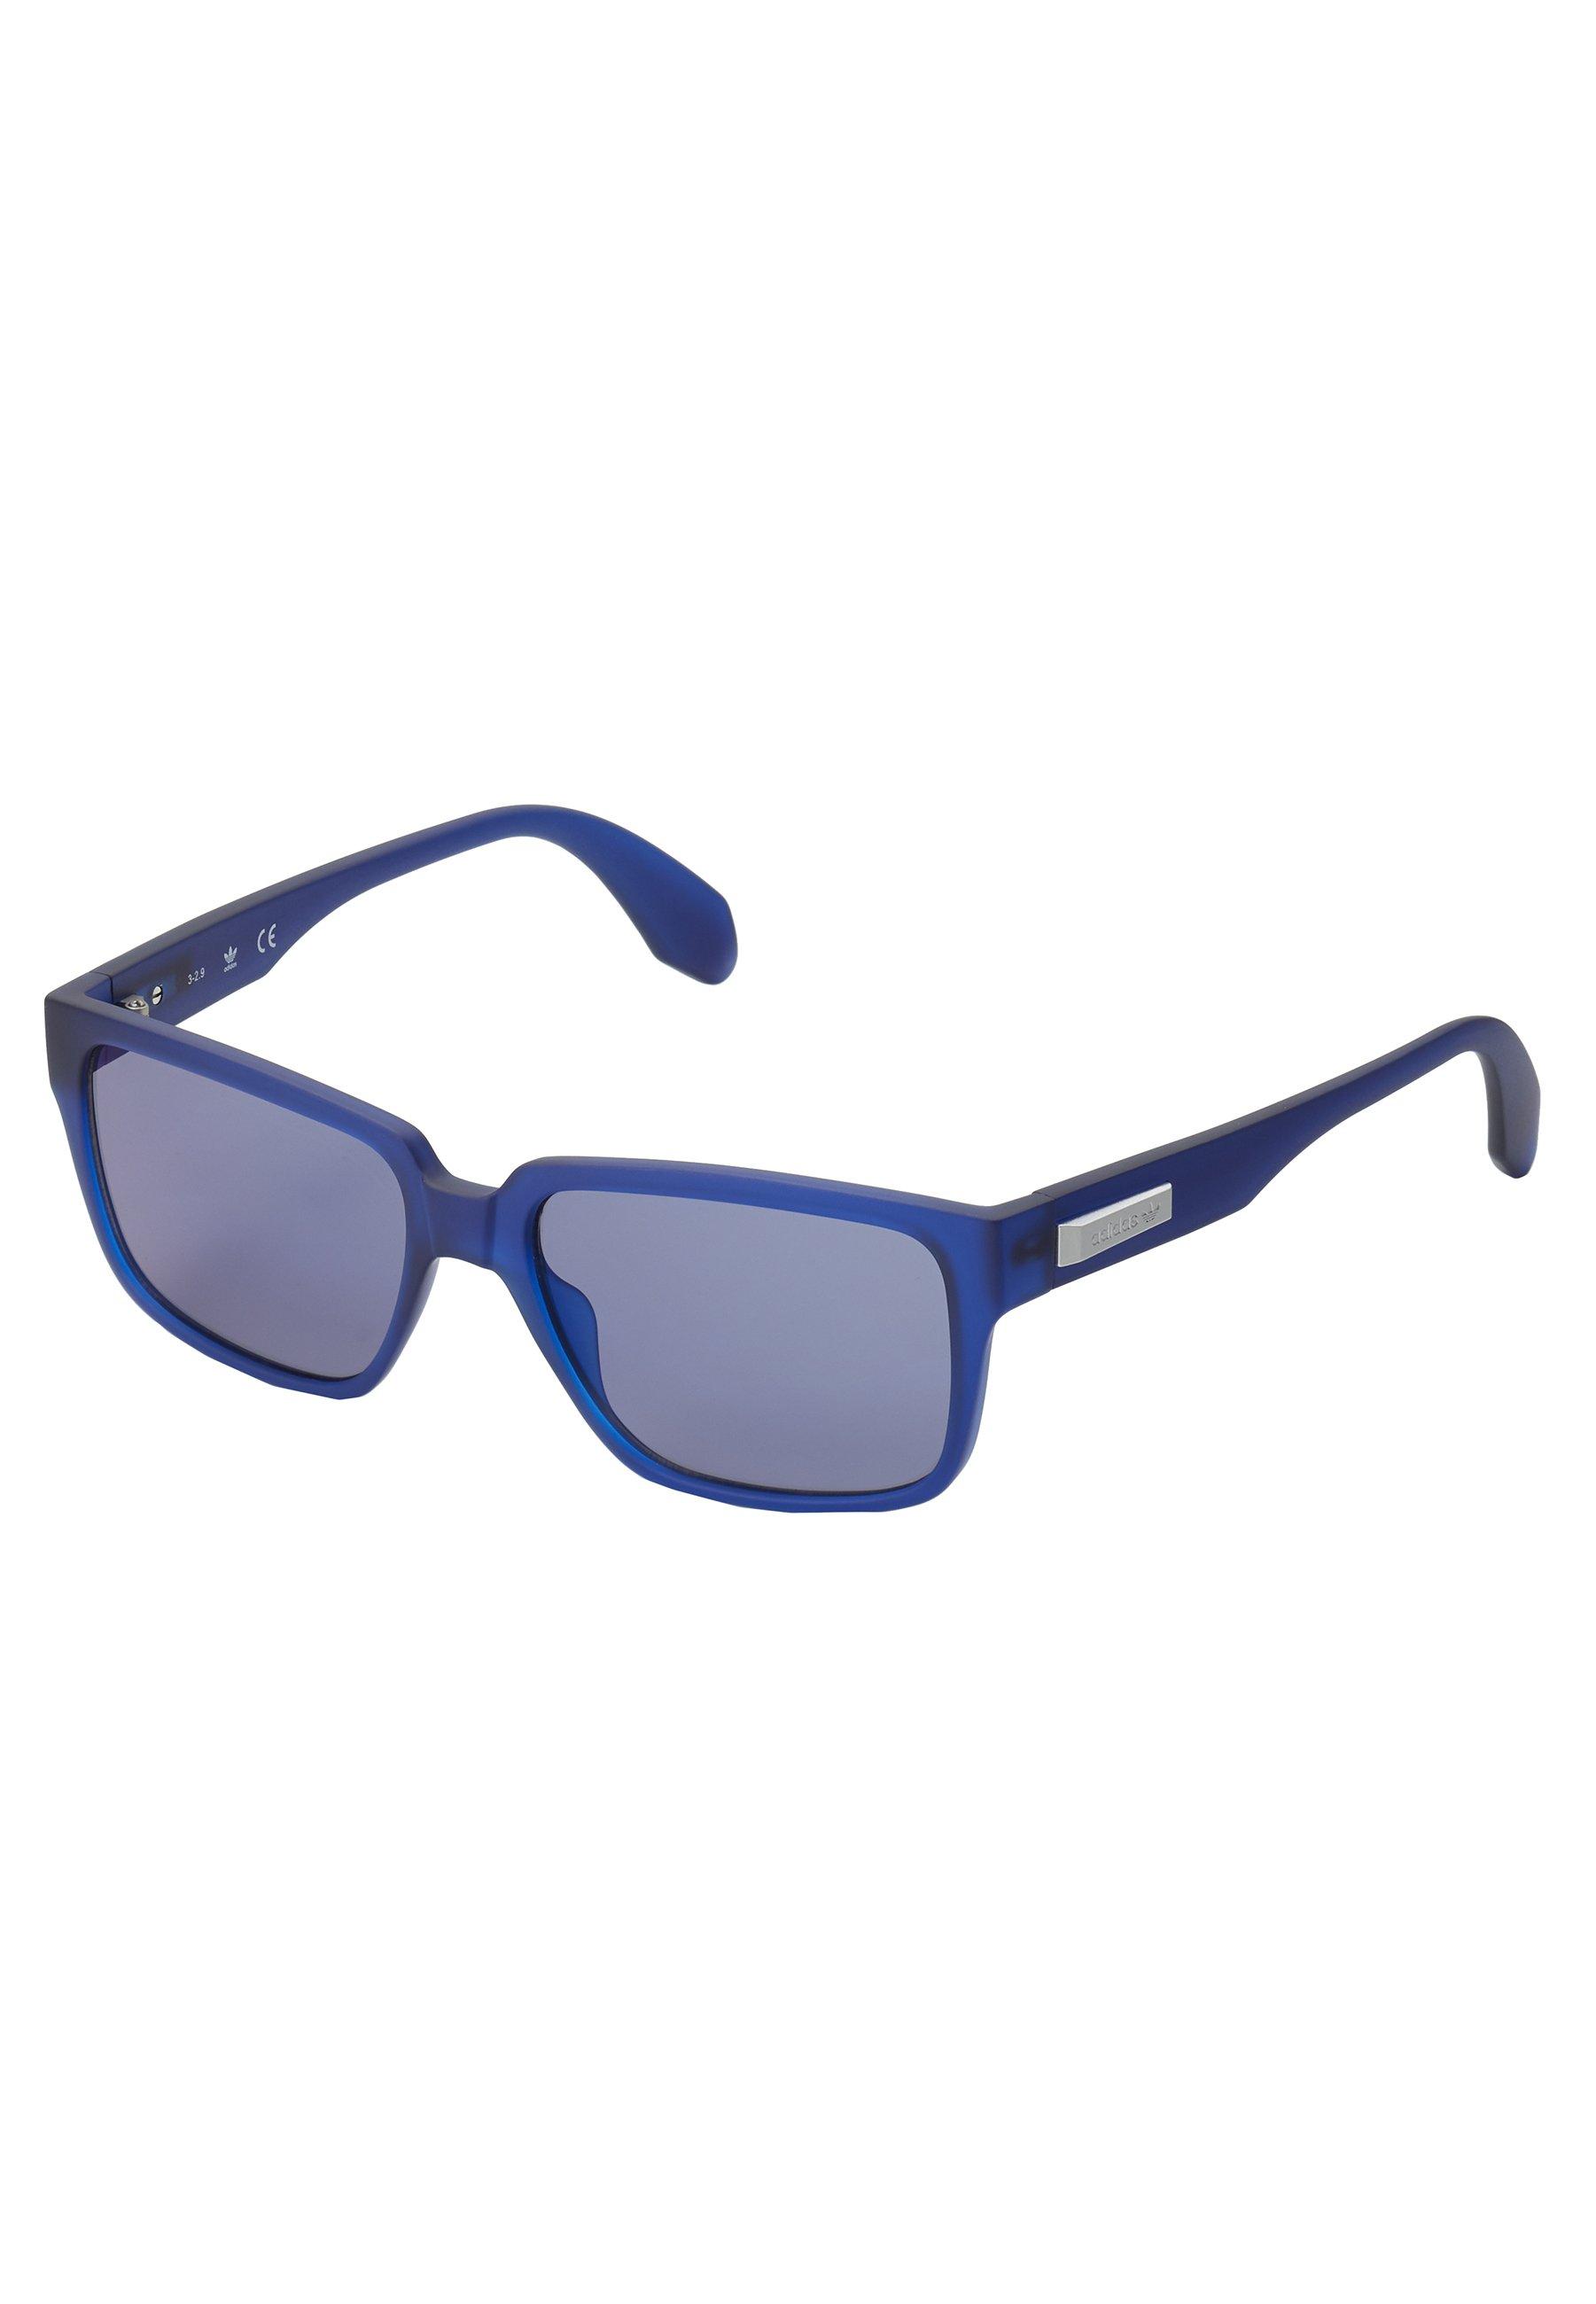 adidas Originals Lunettes de soleil - blue